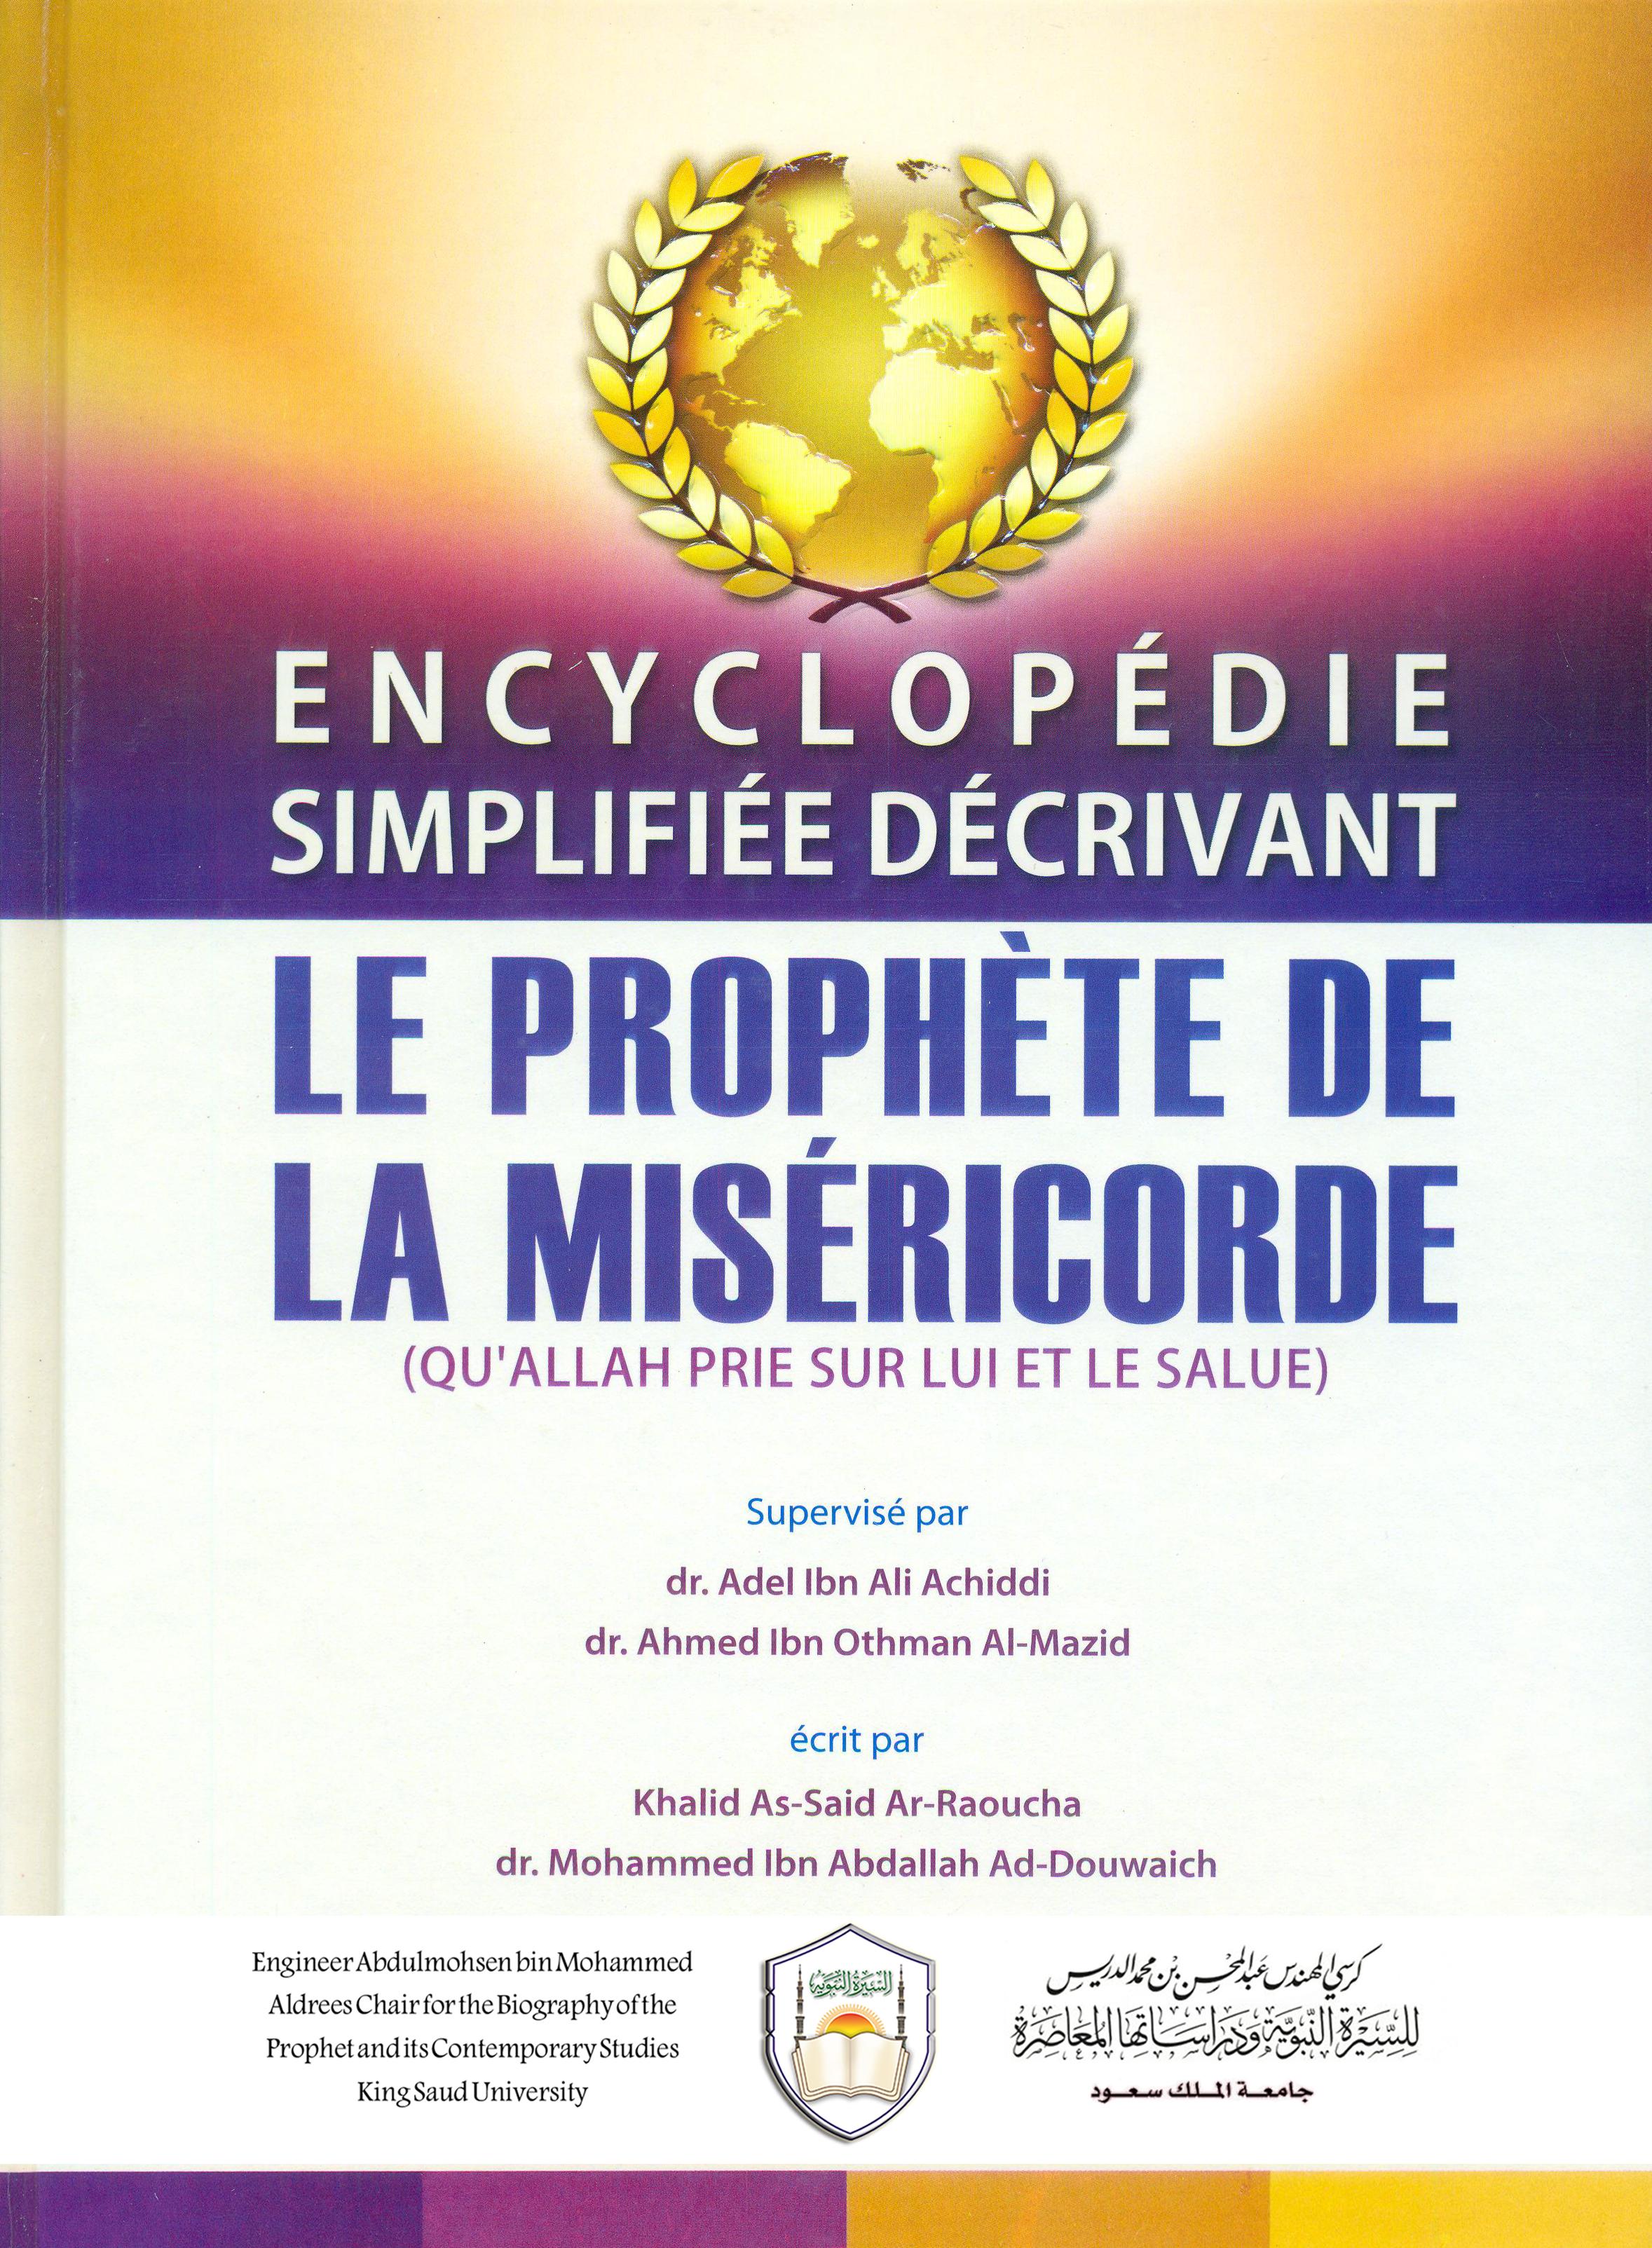 أصدر الكرسي موسوعة باللغة الفرنسية بعنوان: «ENCYCLOPEDIE SIMPLIFIEE DECRIVANT LE PROPHETE DE LA MISERICORDE»